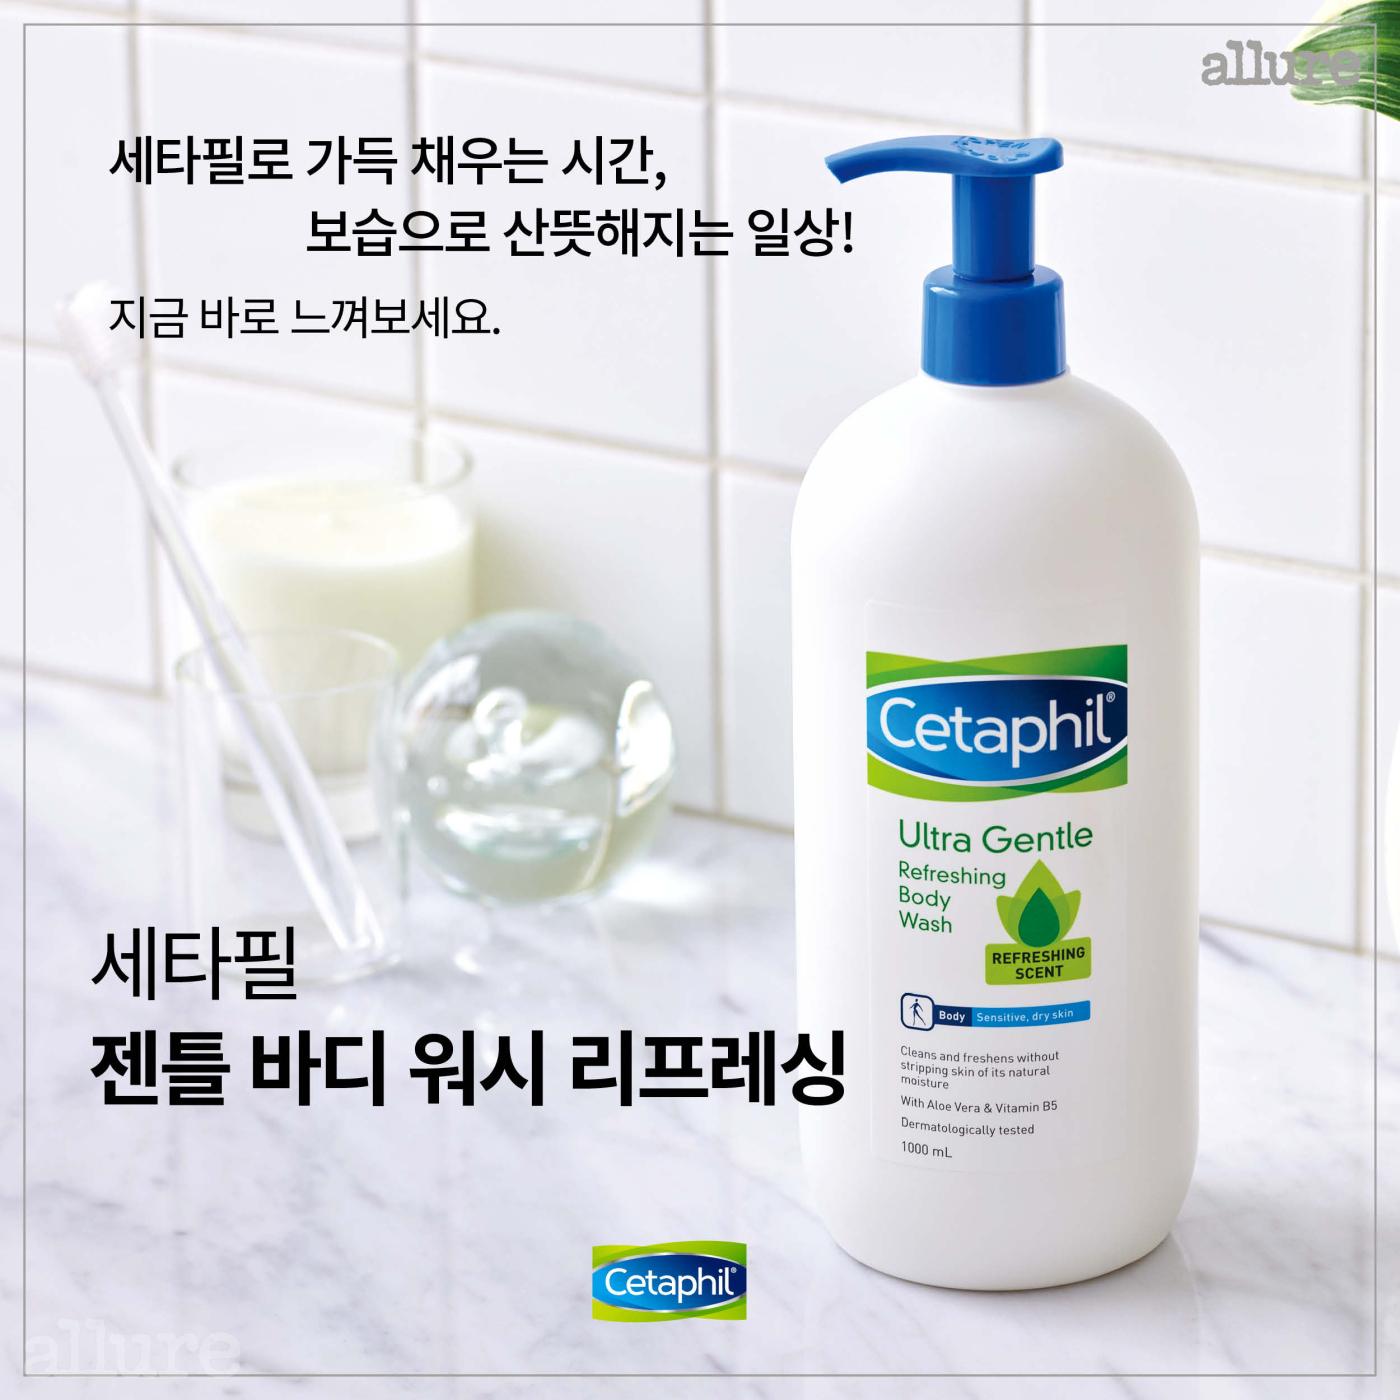 CARD 품평단 세타필 최종6